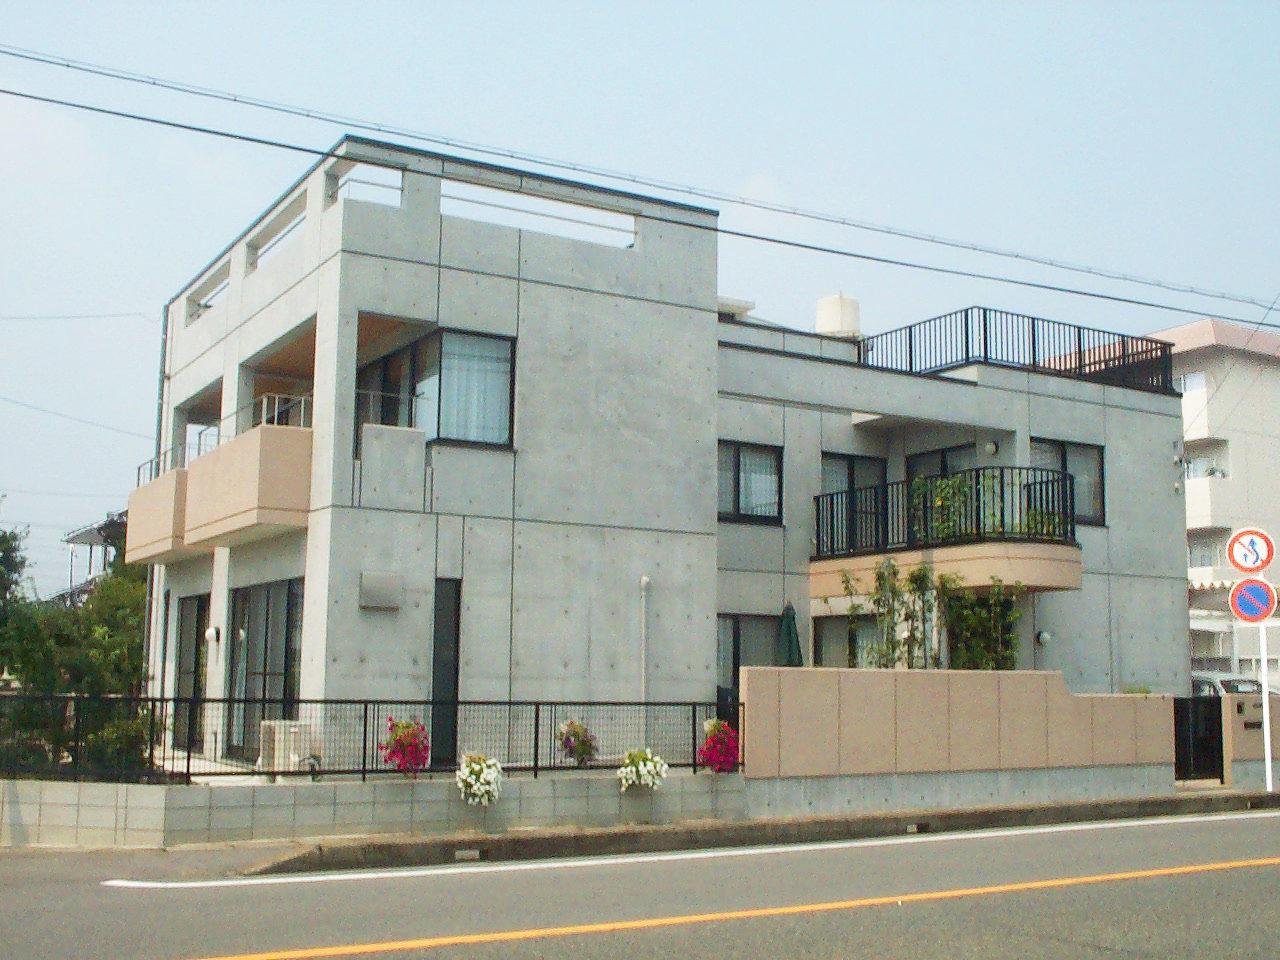 三世帯同居注文住宅の新築設計・デザイン、鉄筋コンクリート造打ち放し